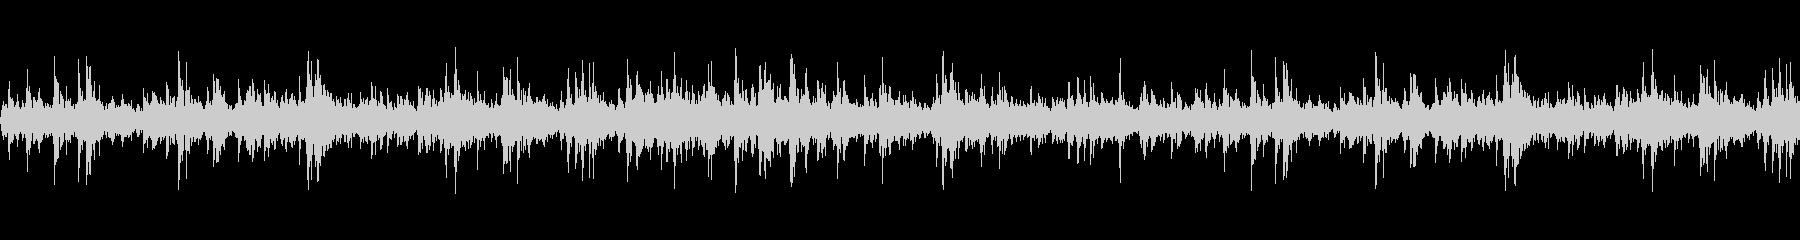 ビチビチ(地面に水を打ち付ける音)の未再生の波形